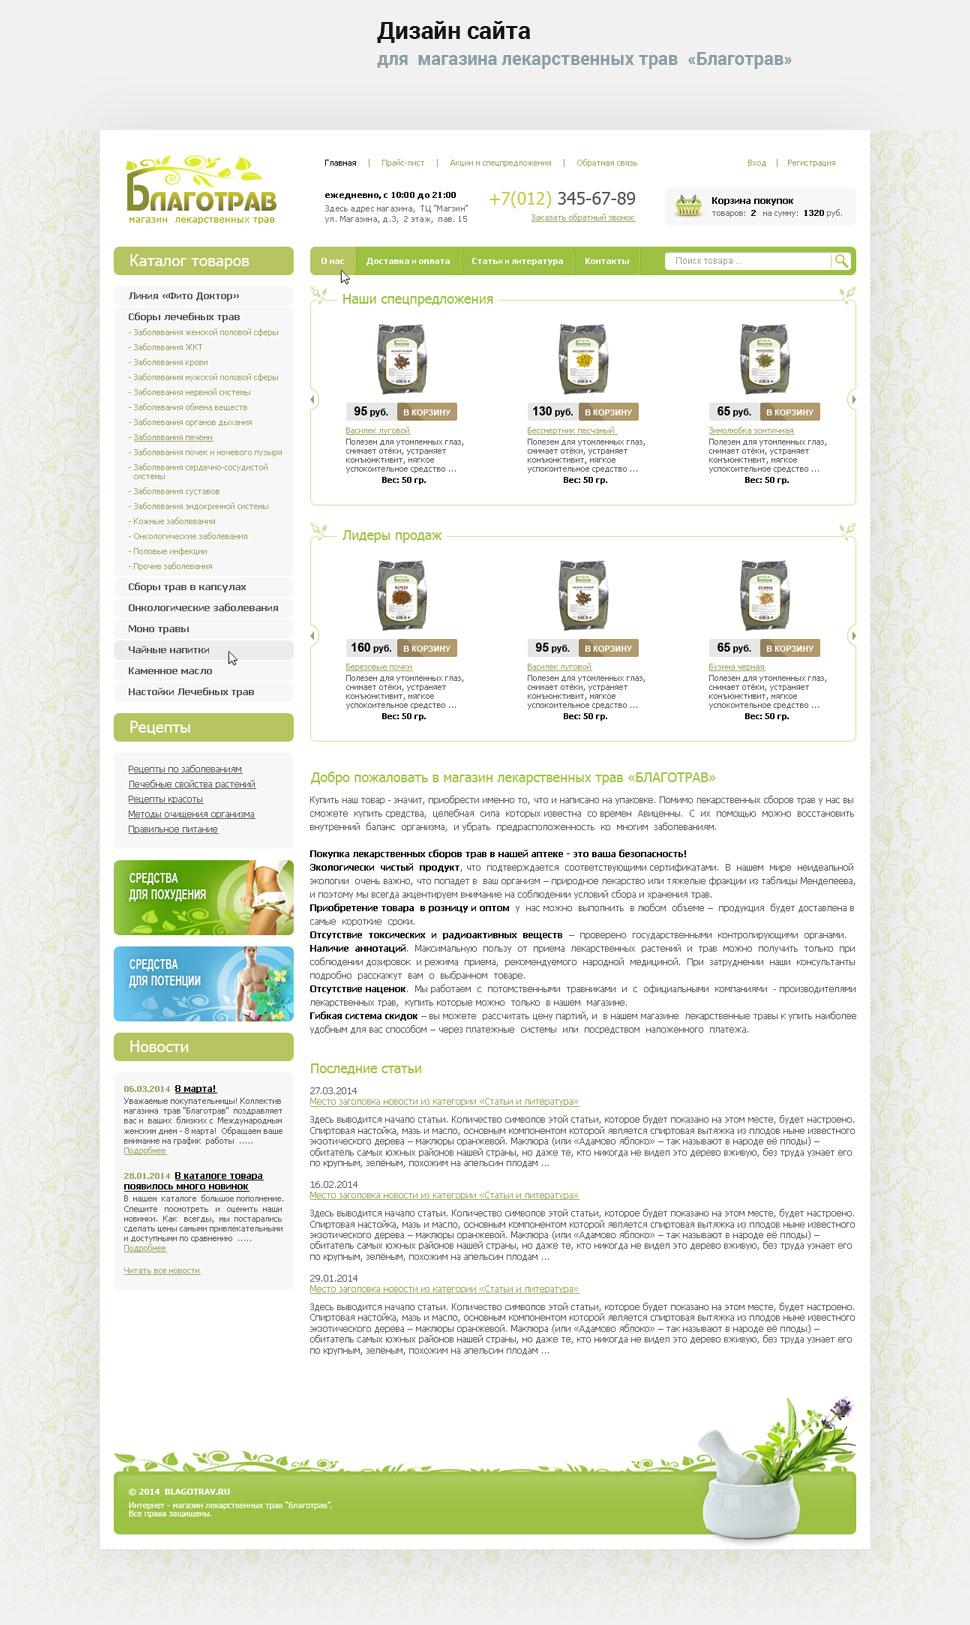 Дизайн сайта: Интернет магазин «Благотрав». Автор: di56.ru - дизайнер Дмитрий Ковалёв.